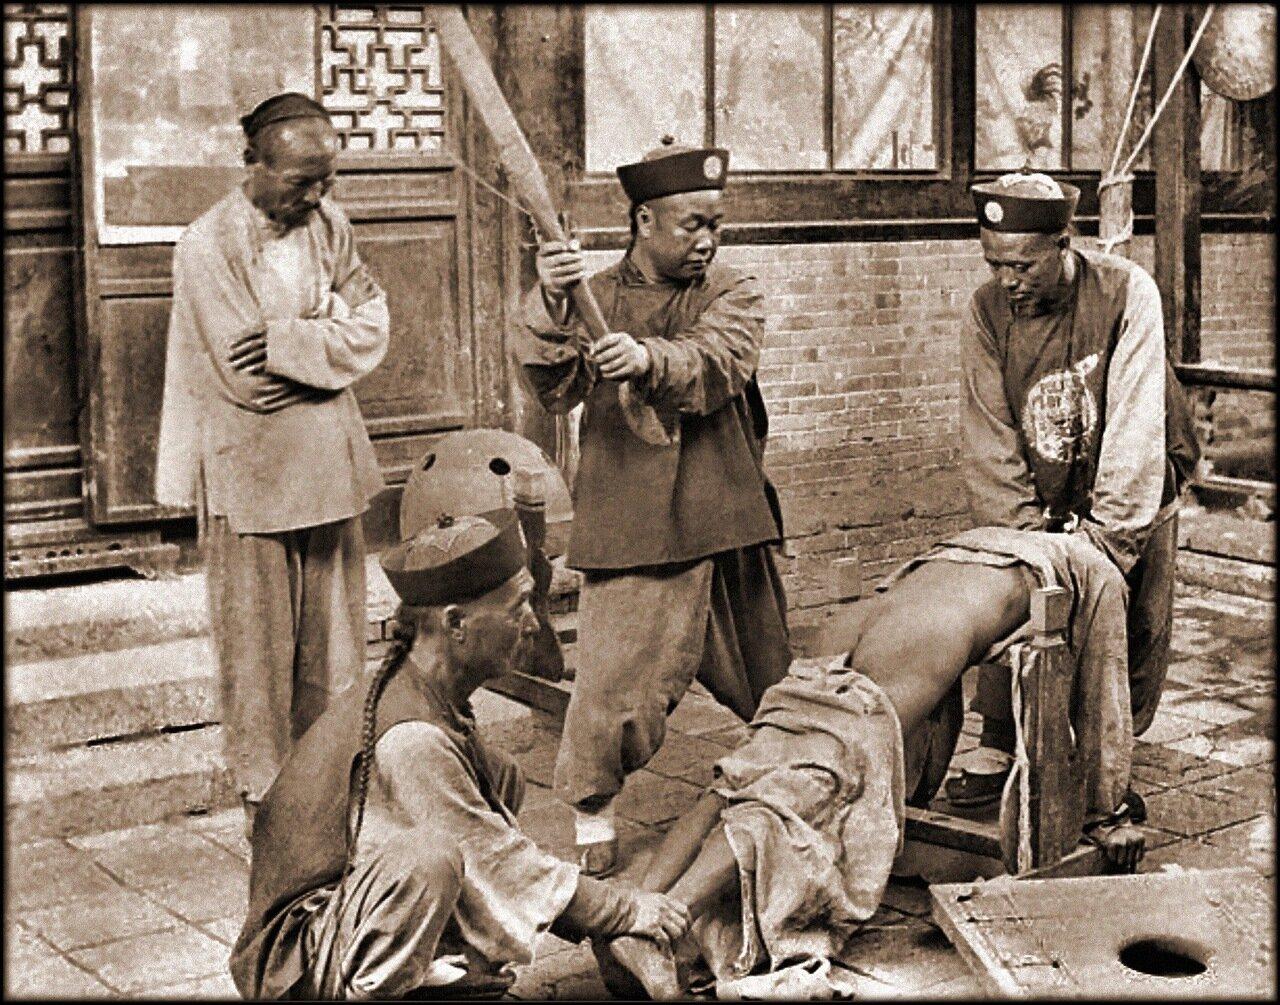 1900. Китайская система наказаний, порка нарушителя закона